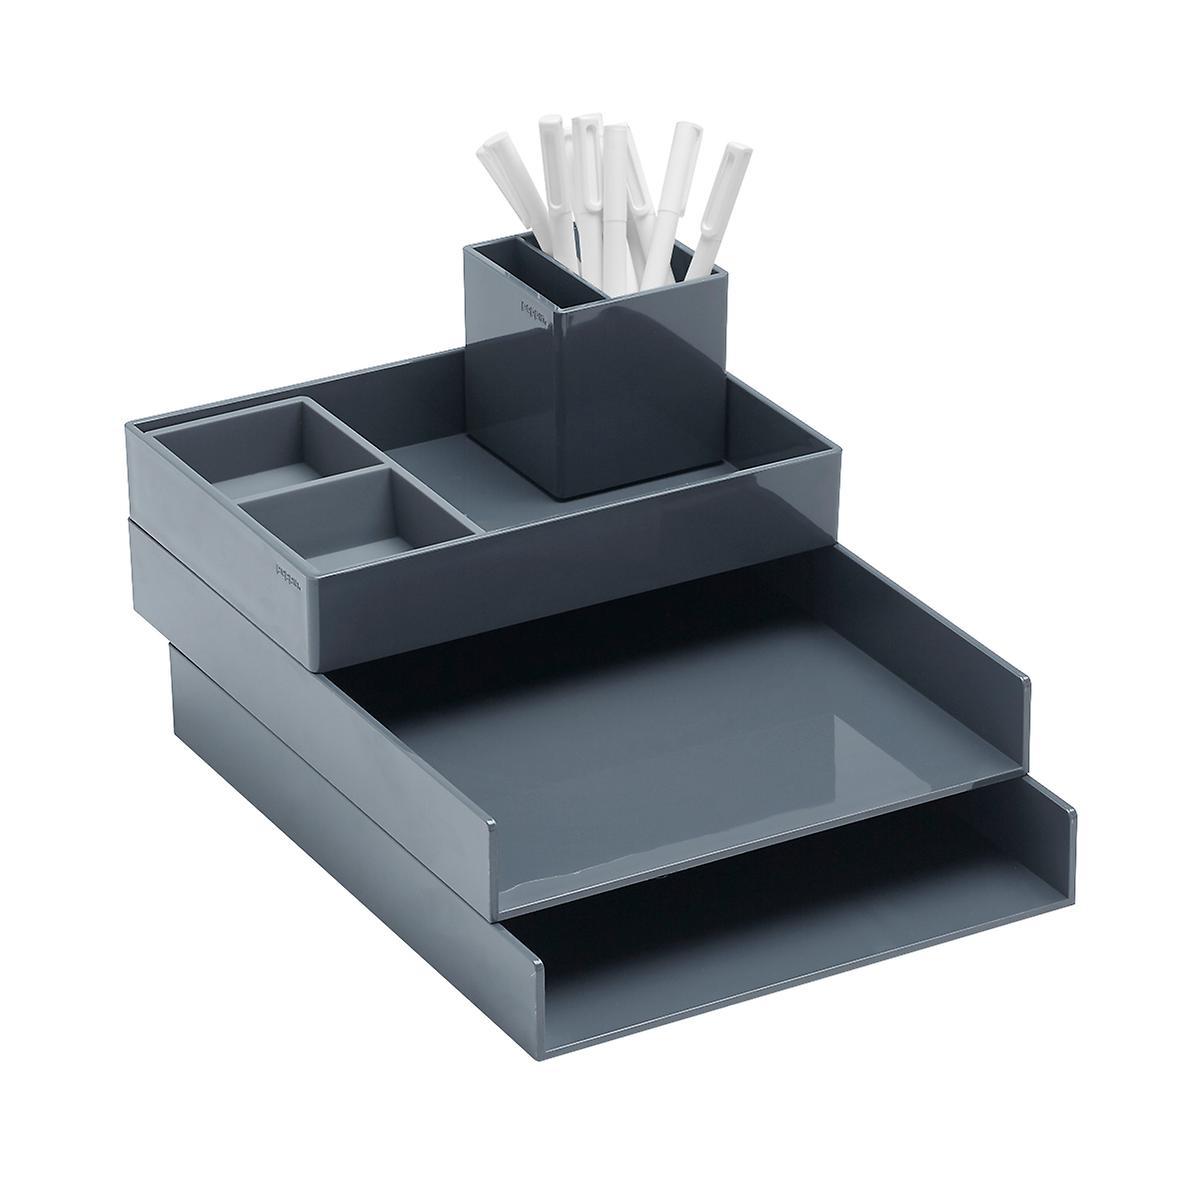 Dark Grey Poppin Letter Tray Starter Kit